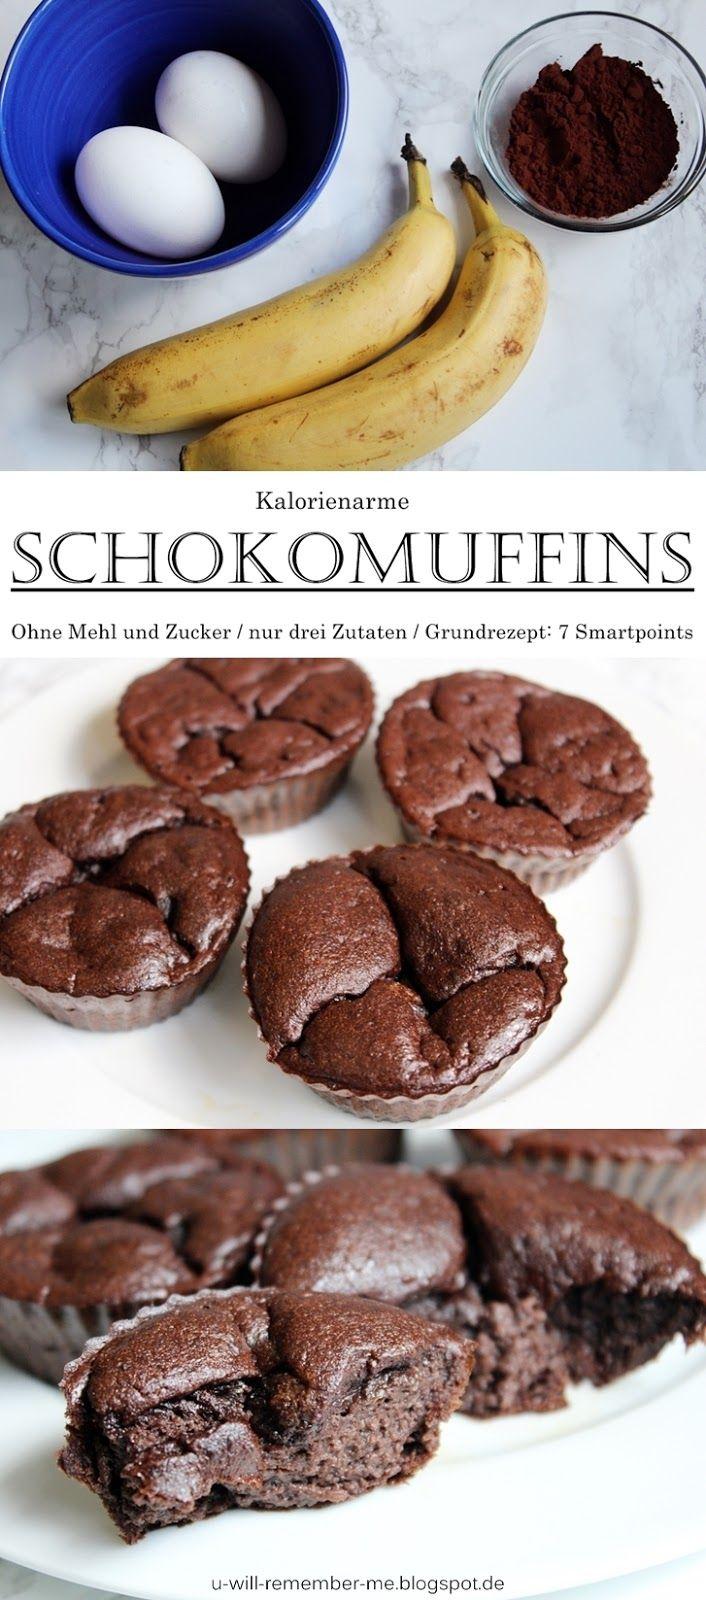 {REZEPT} - Kalorienarme Bananen-Ei-Schoko Muffins // Kein Zucker und Mehl // 7 Smartpoints für alle // WeightWatchers #cupcakesrezepte